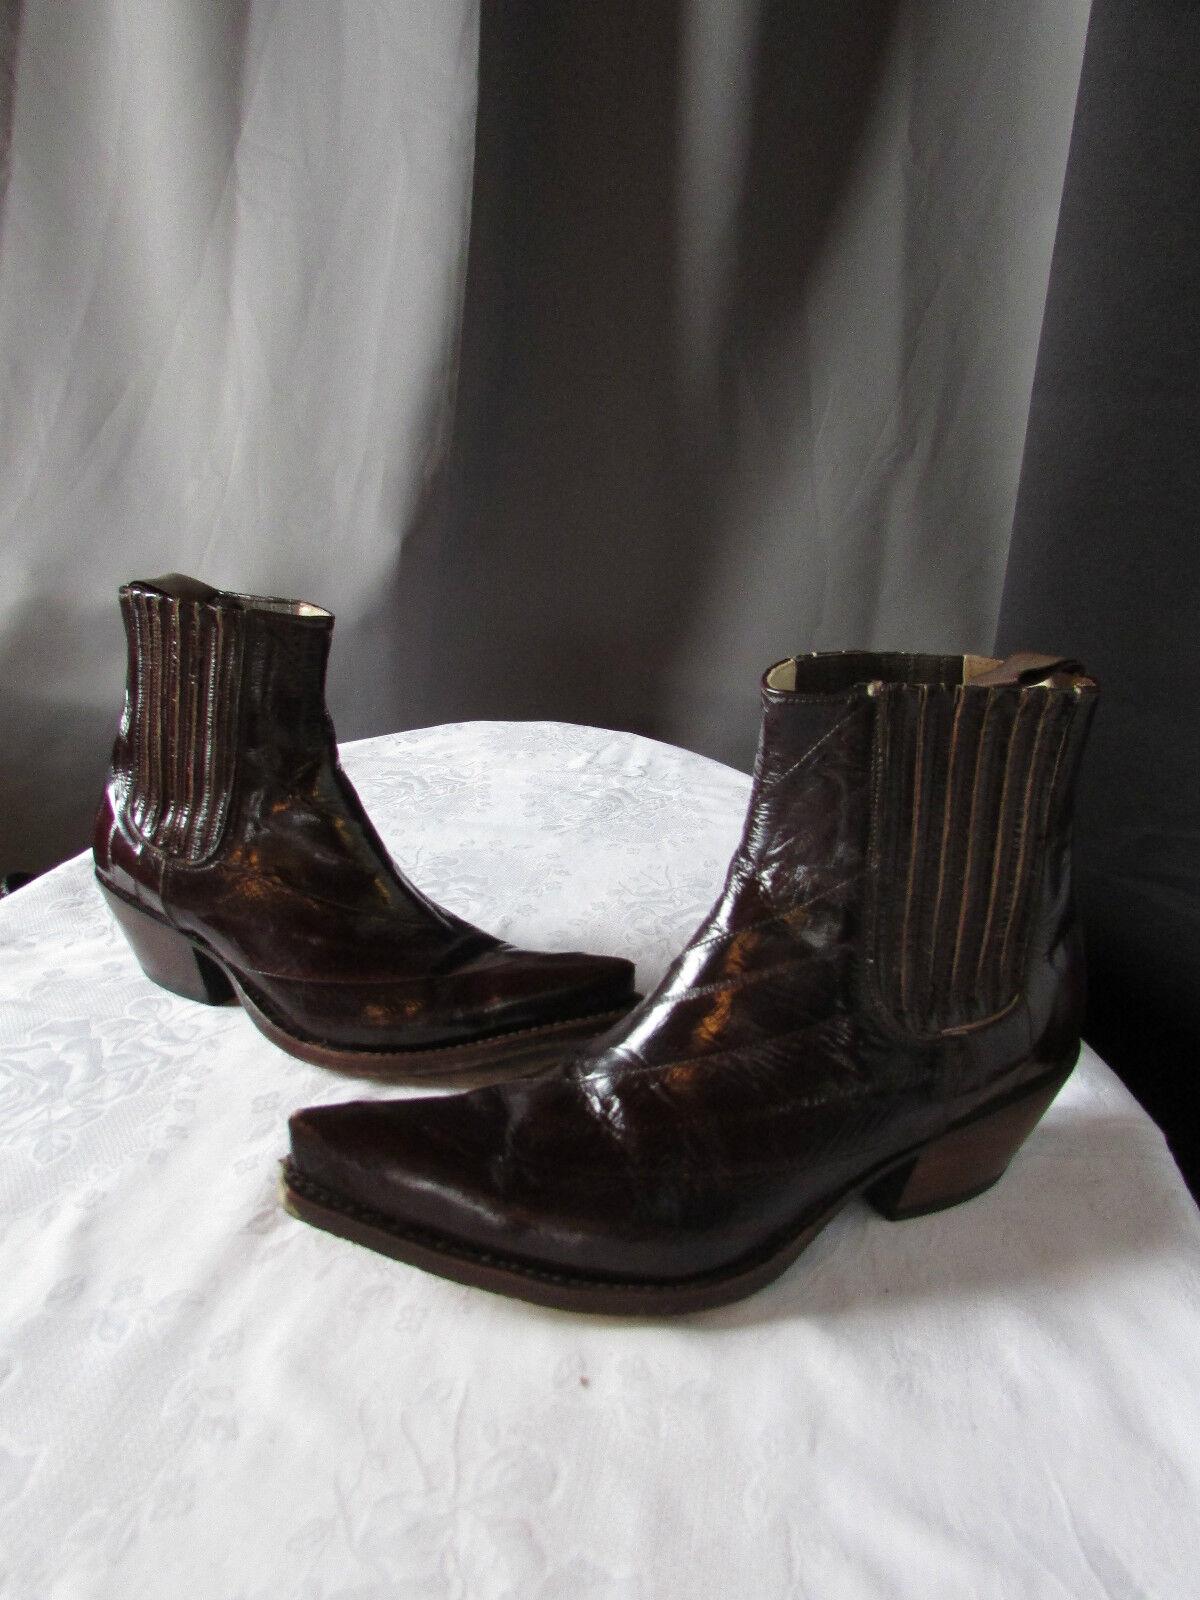 spedizione gratuita in tutto il mondo stivali bottines bottines bottines santiags tony mora cuir Marrone 37  all'ingrosso economico e di alta qualità